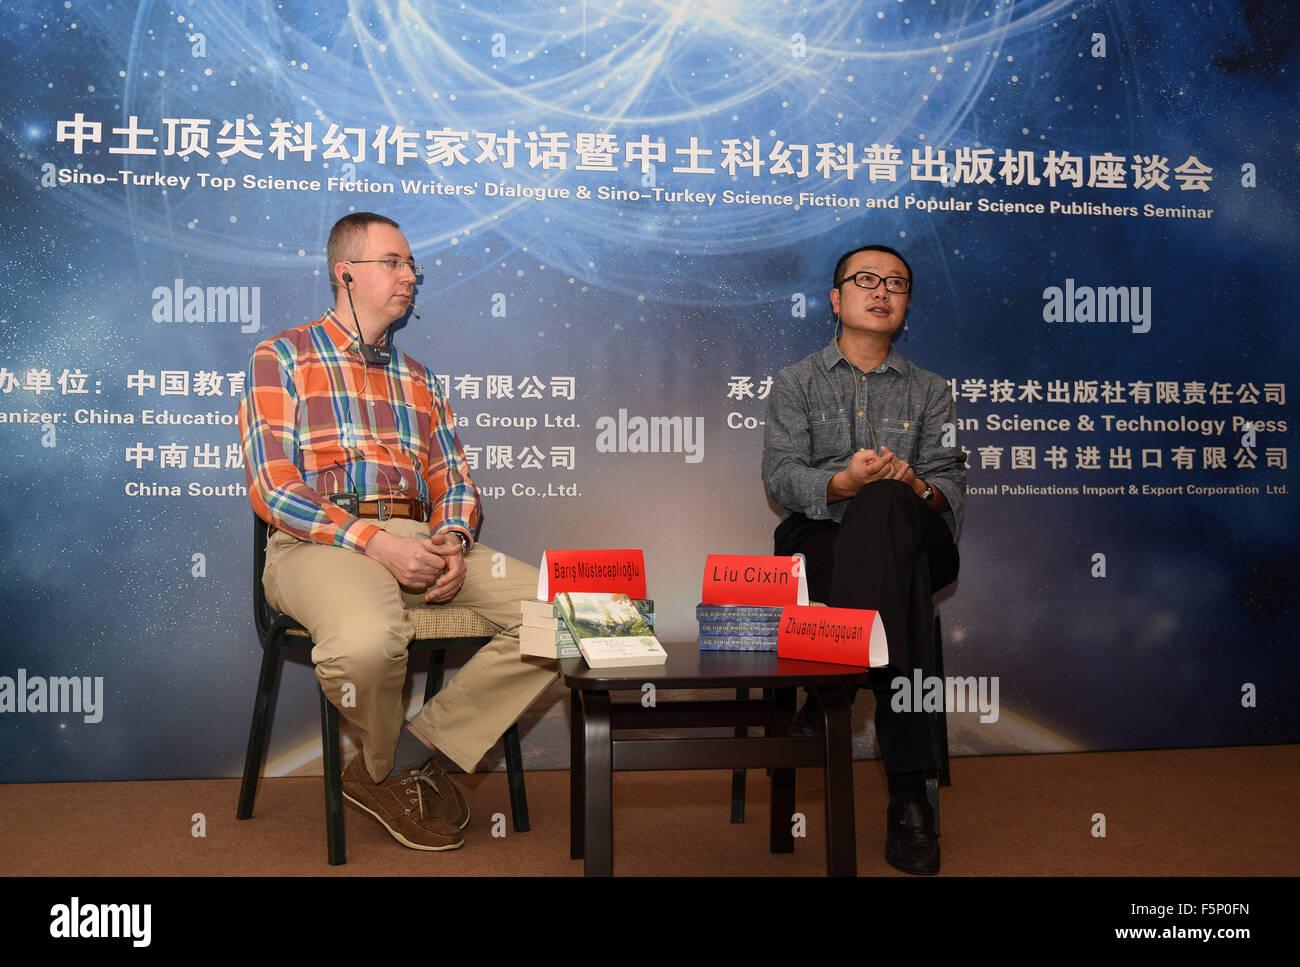 (151107) -- ISTANBUL, Nov. 7, 2015(Xinhua) -- Chinese sci-fi writer Liu Cixin (R) and Turkish sci-fi writer Baris - Stock Image